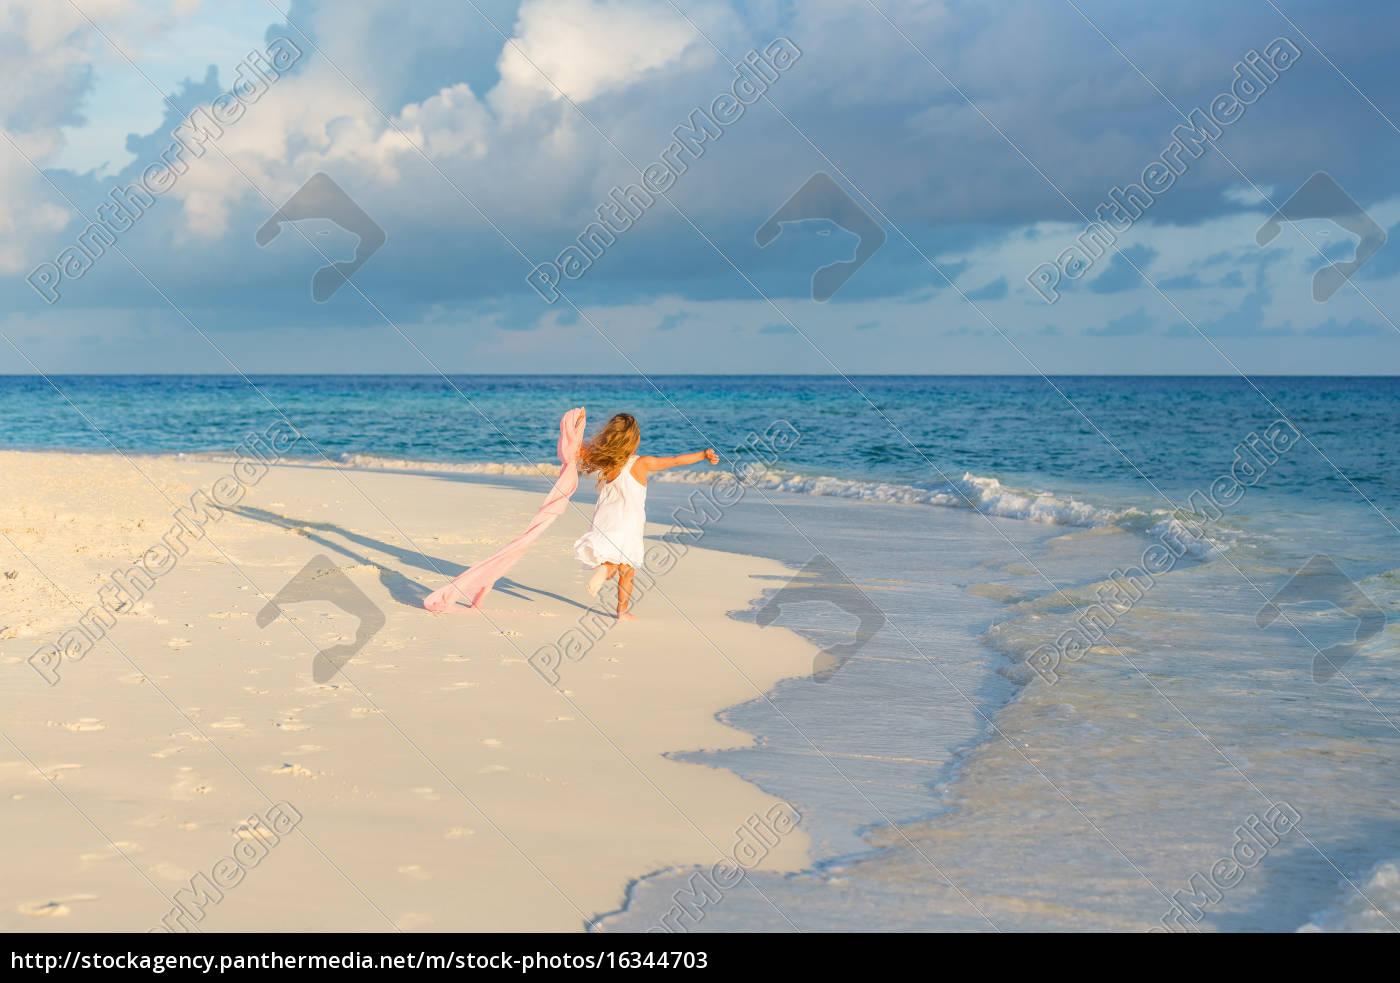 little, girl, on, the, beach - 16344703